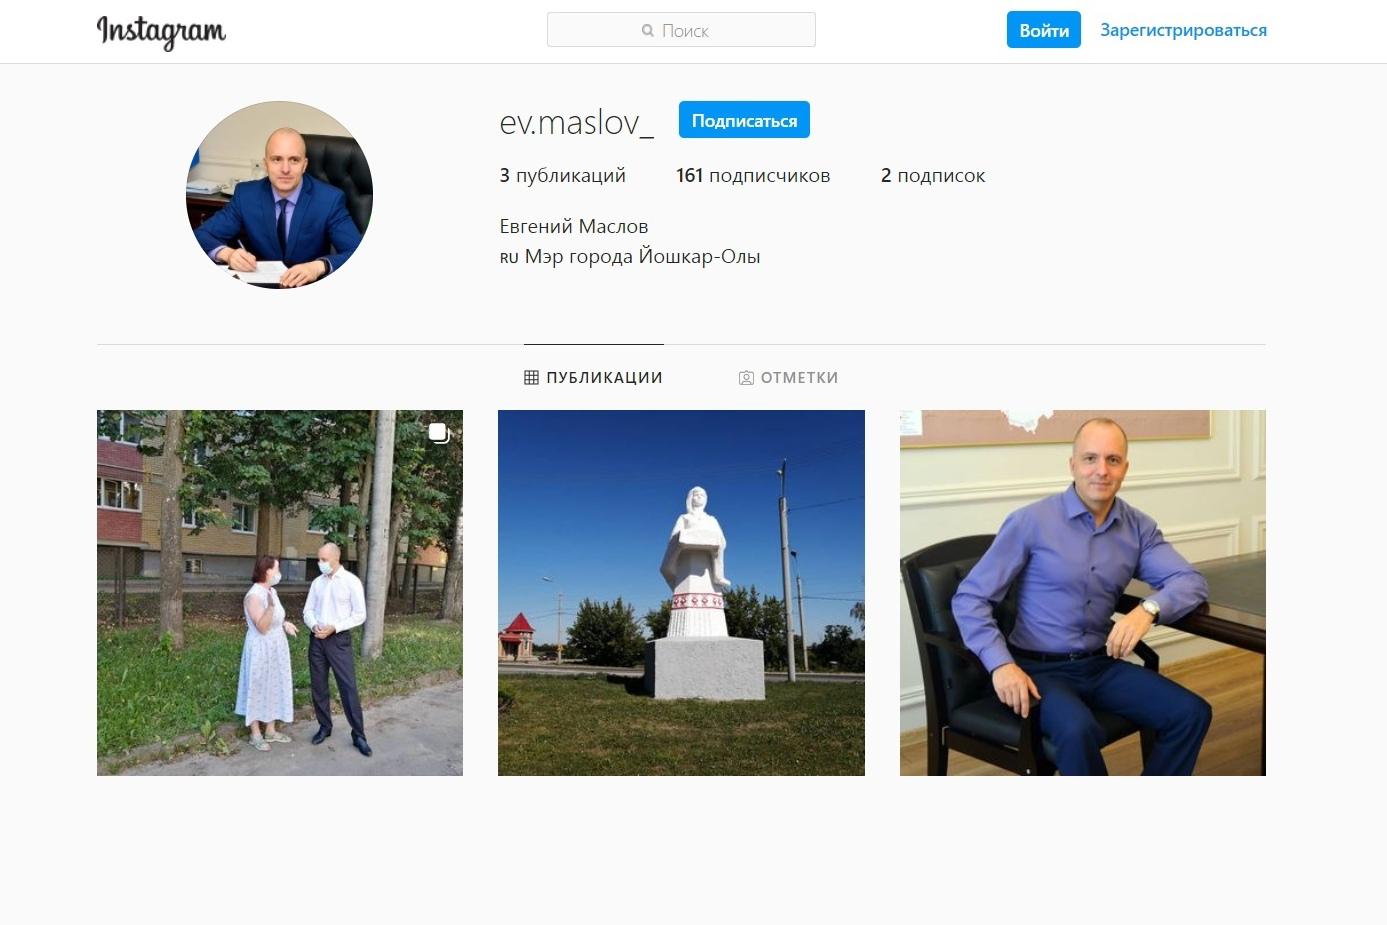 Мэр Йошкар-Олы Евгений Маслов завел аккаунт в Инстаграм